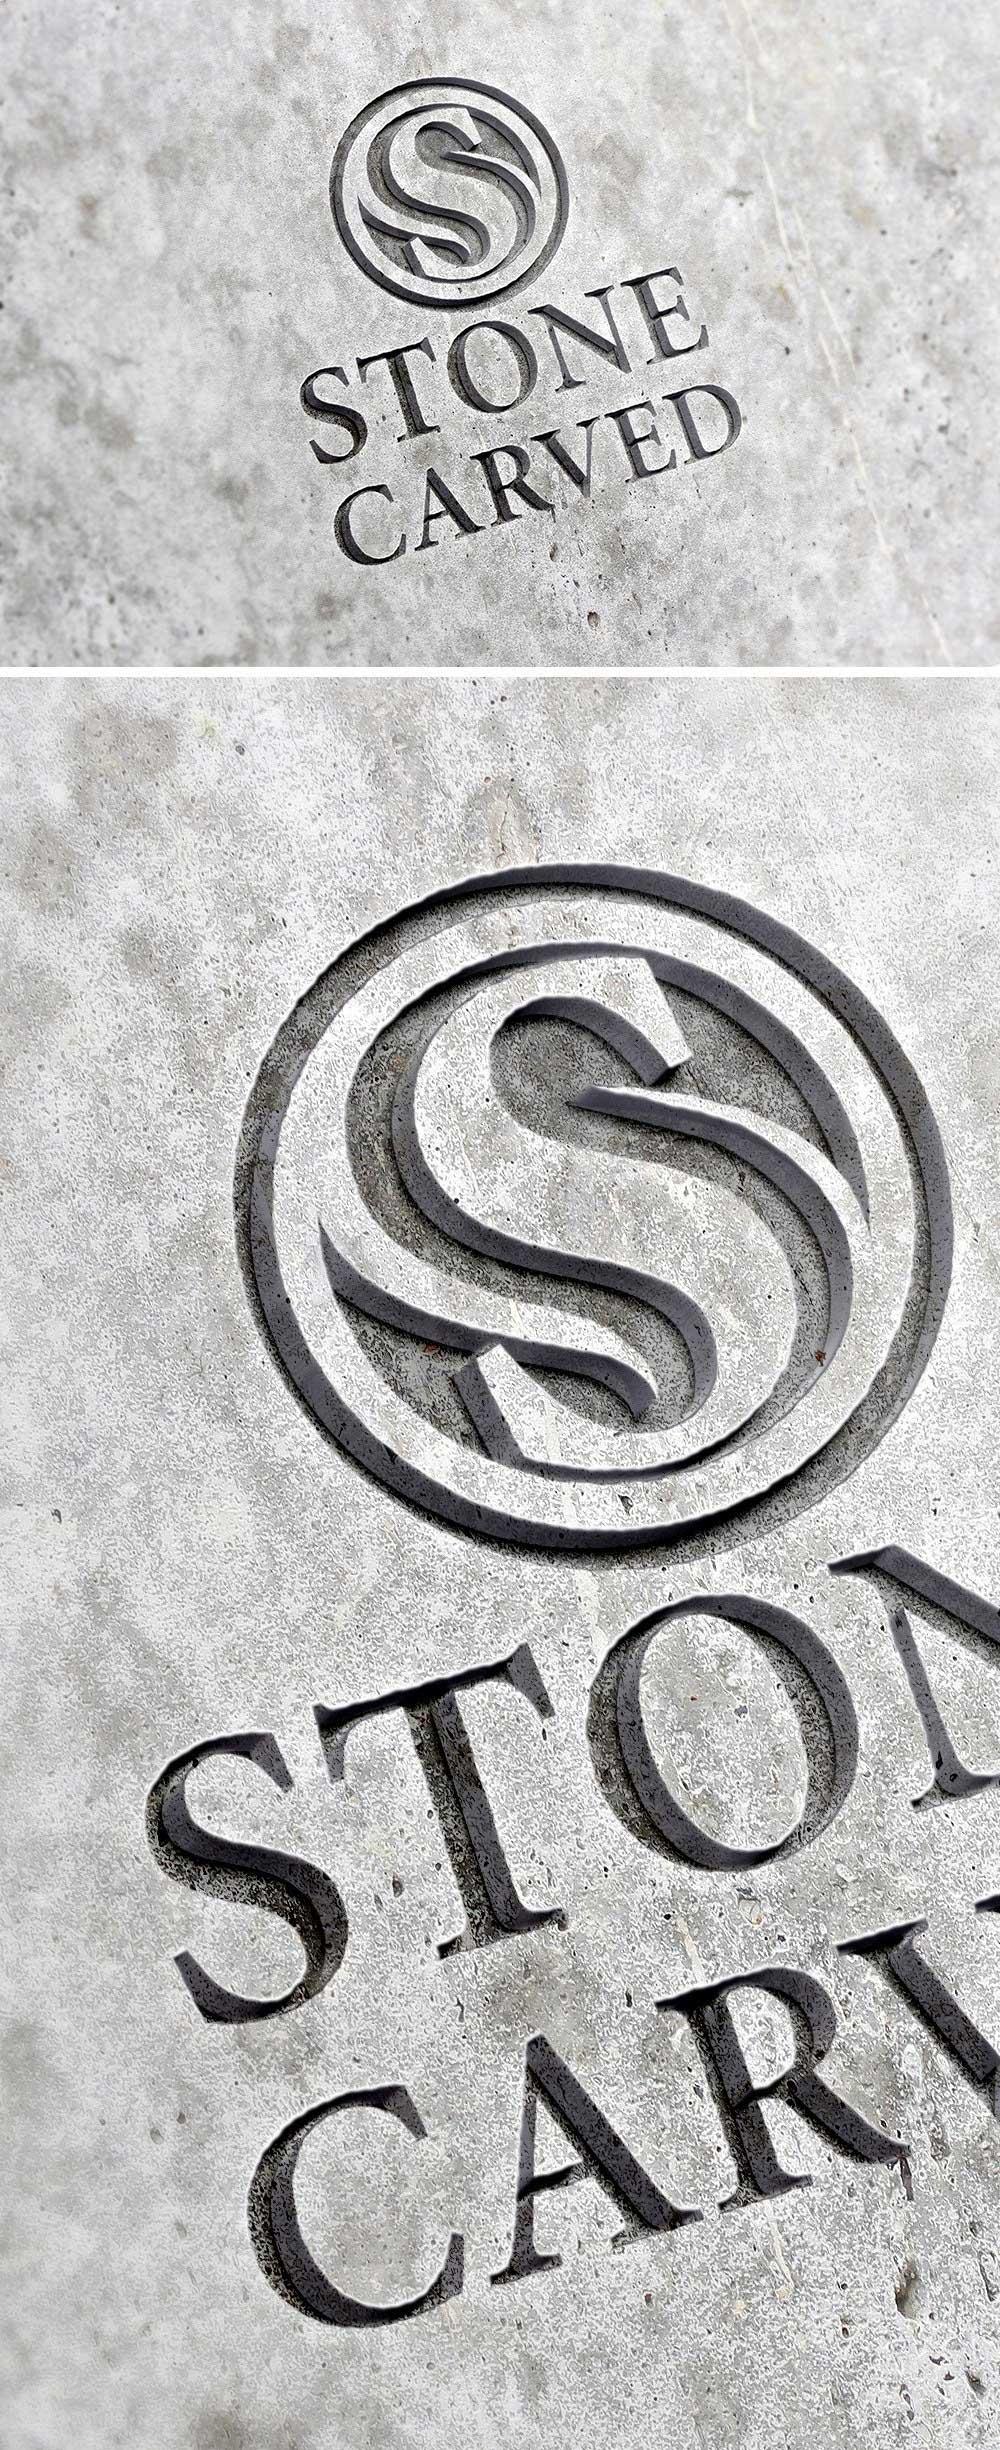 Carved Stone Logo Mockup PSD